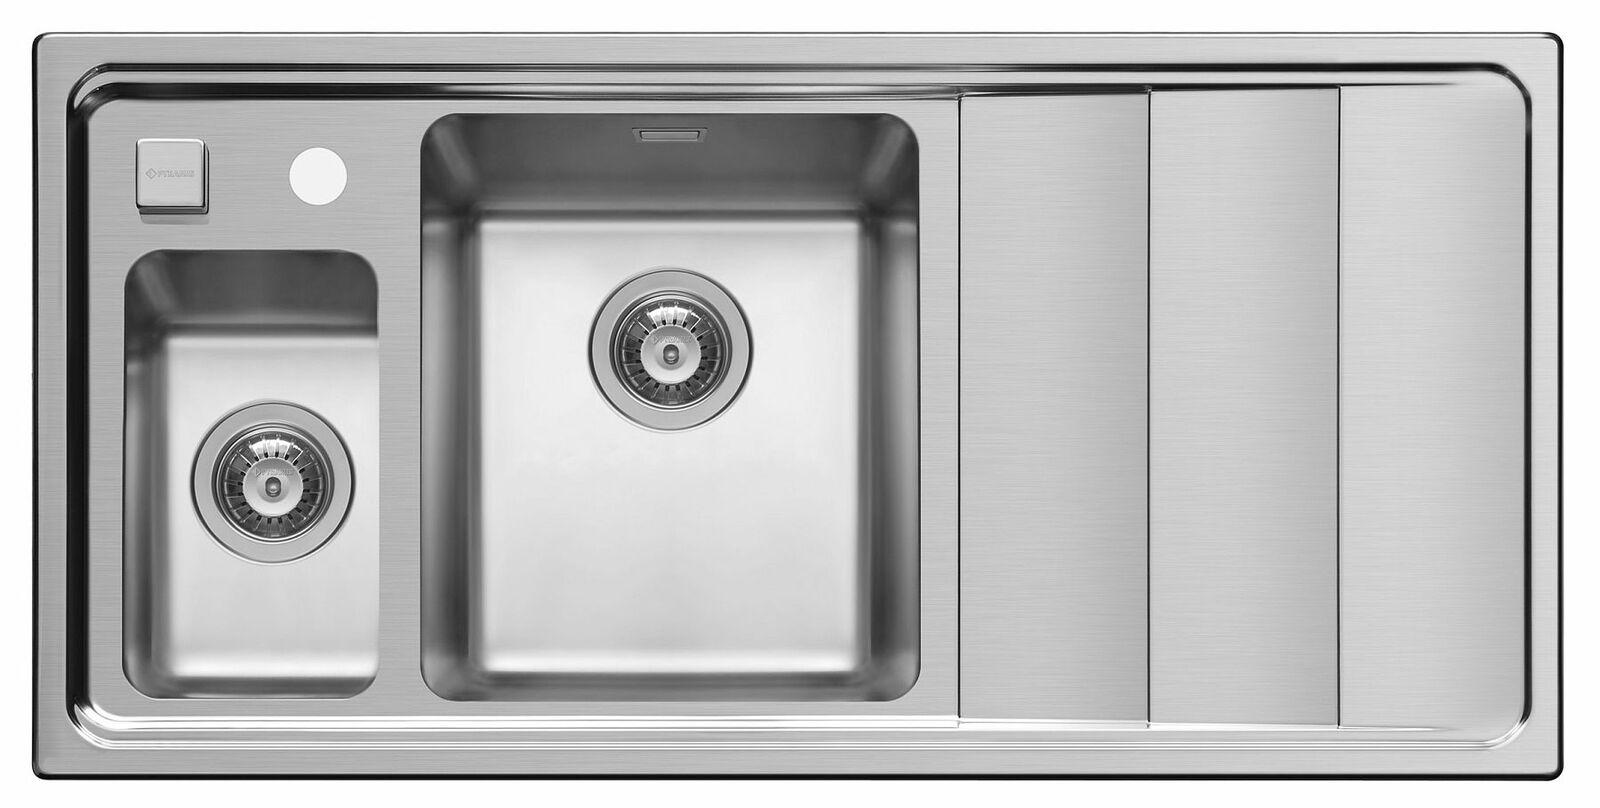 Berühmt Moderne Küchenspüle 100 cm Edelstahl Einbauspüle 1, 5 Spülbecken BU17